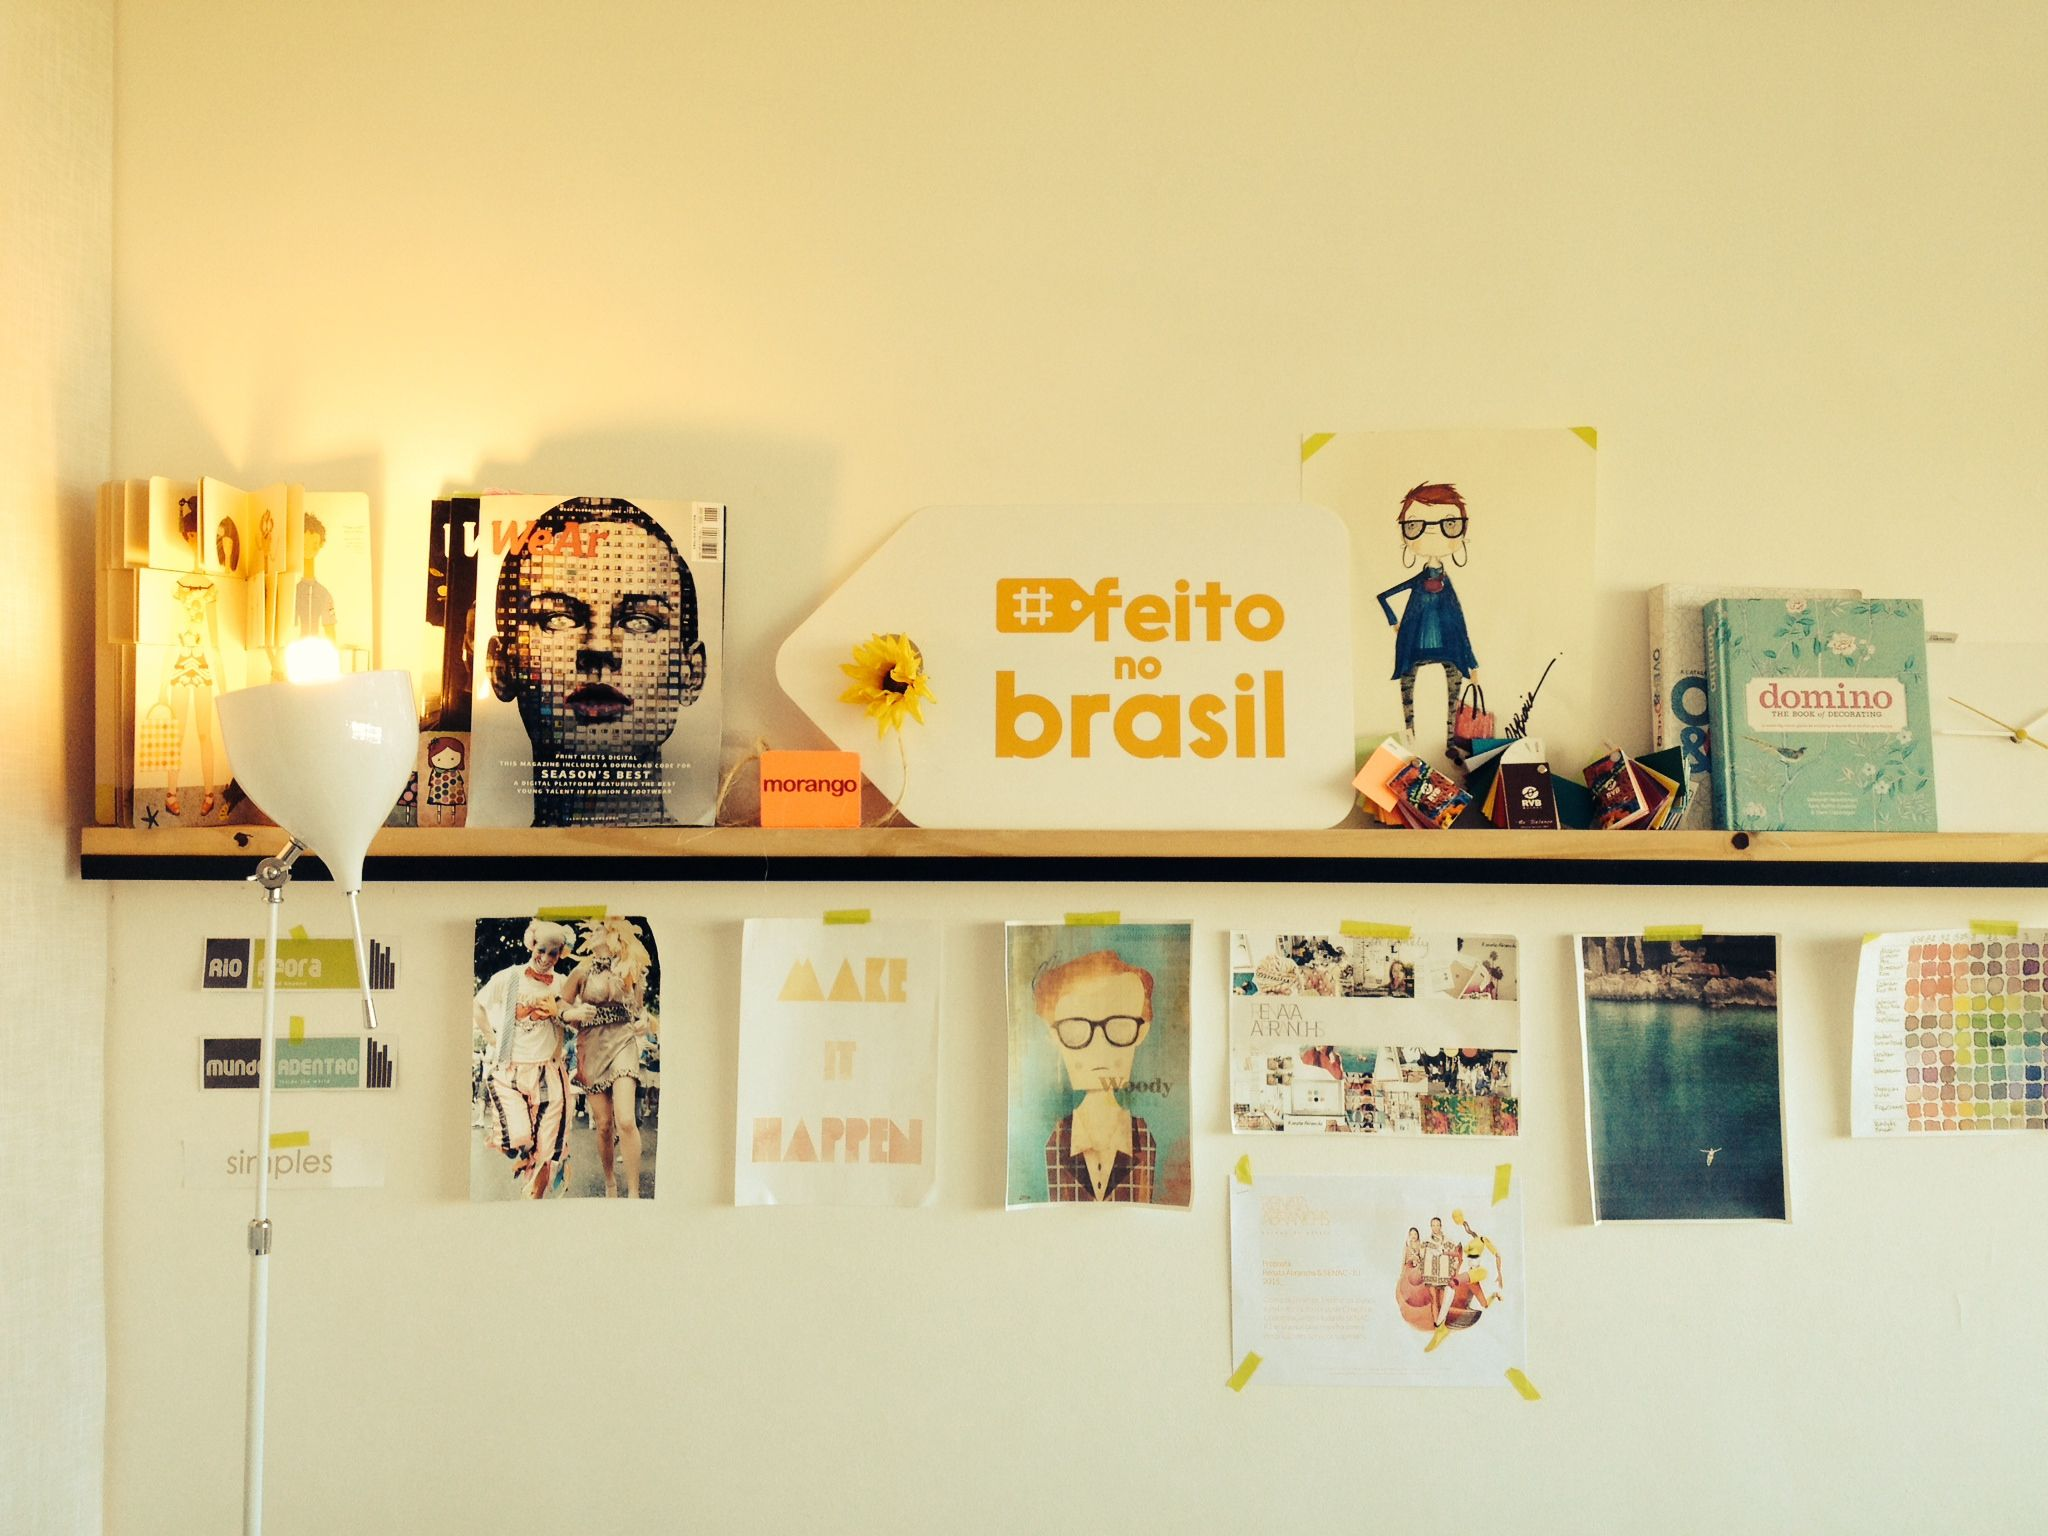 #Bureau #Cantinho #Detalhes #FeitoNoBrasil